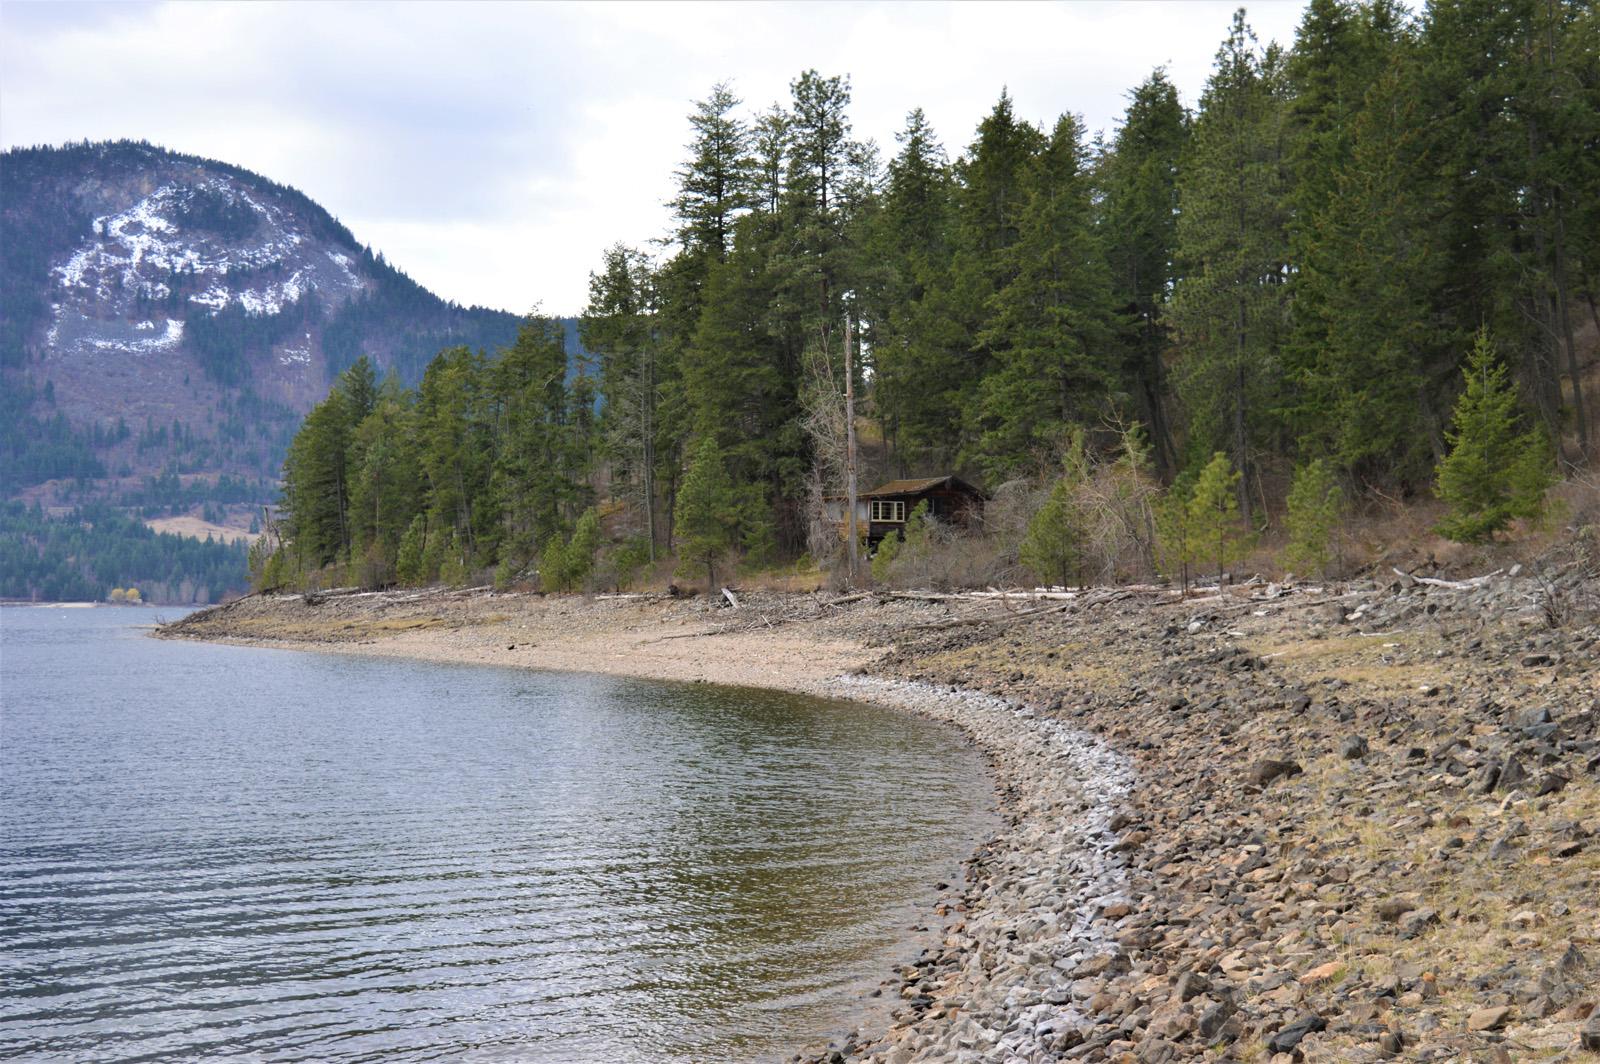 Little shuswap lake 12